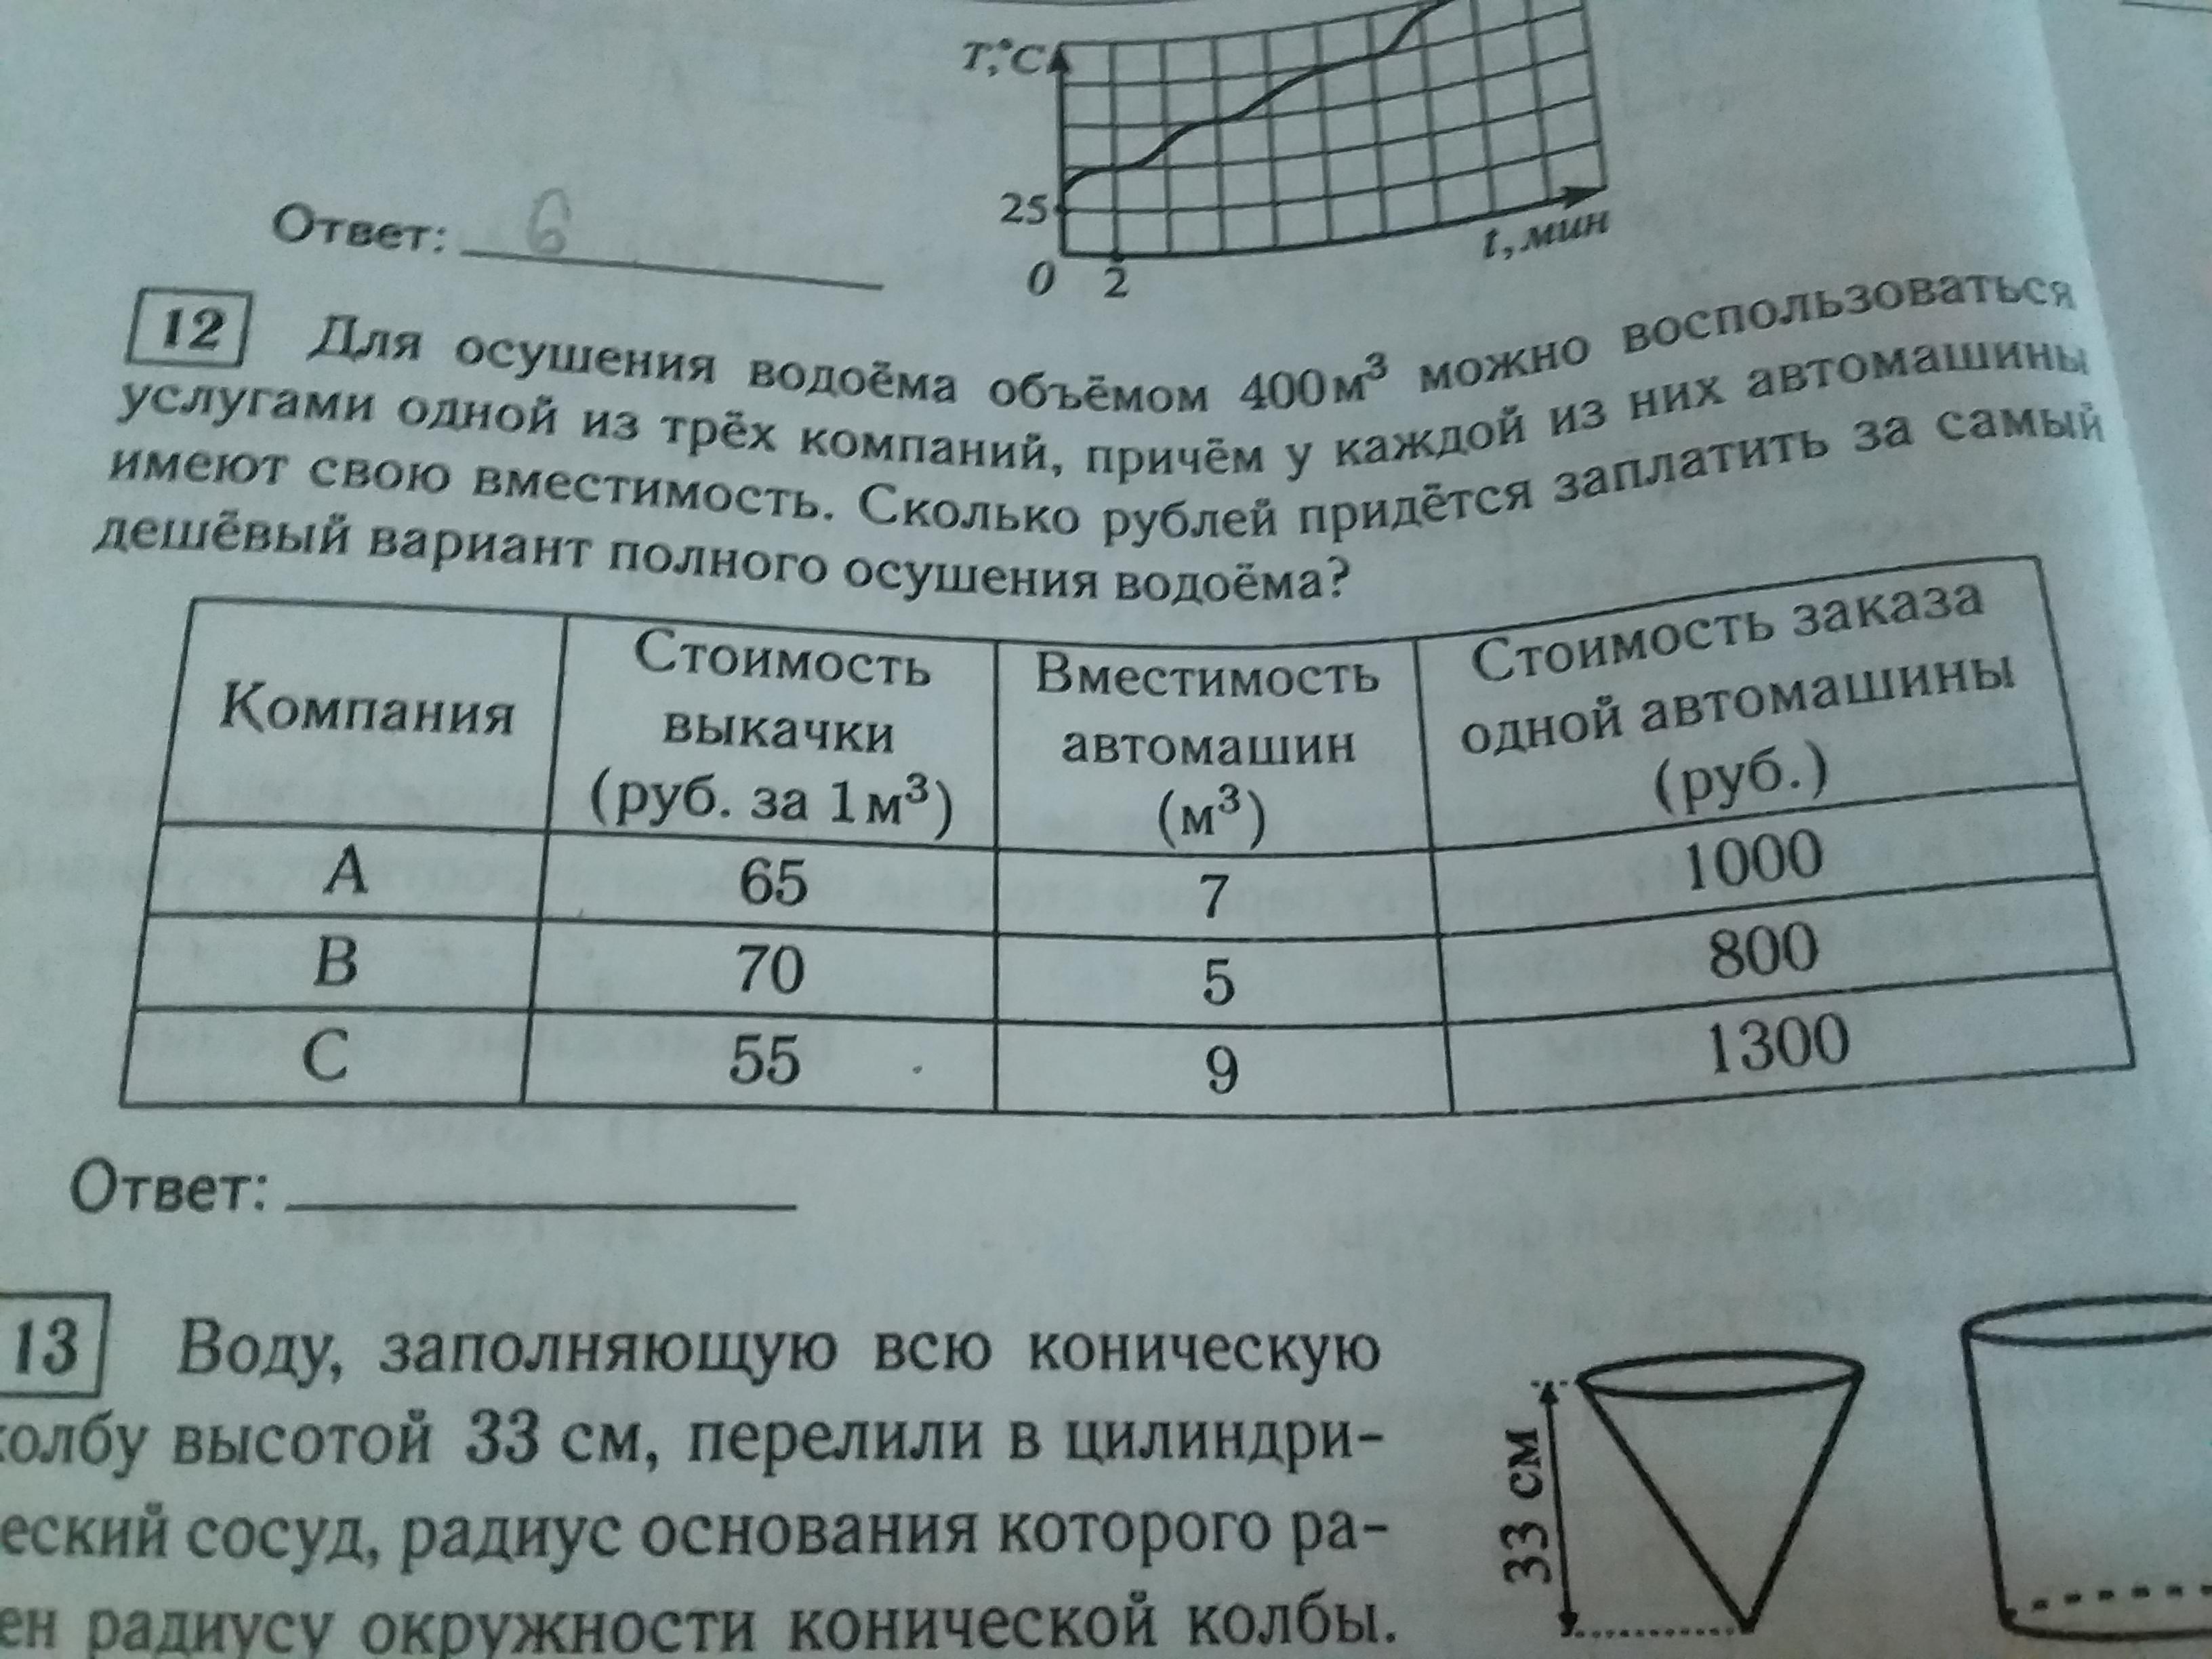 Помочь решить задачу по алгебре 11 класс решения задач с помощью систем степени уравнений